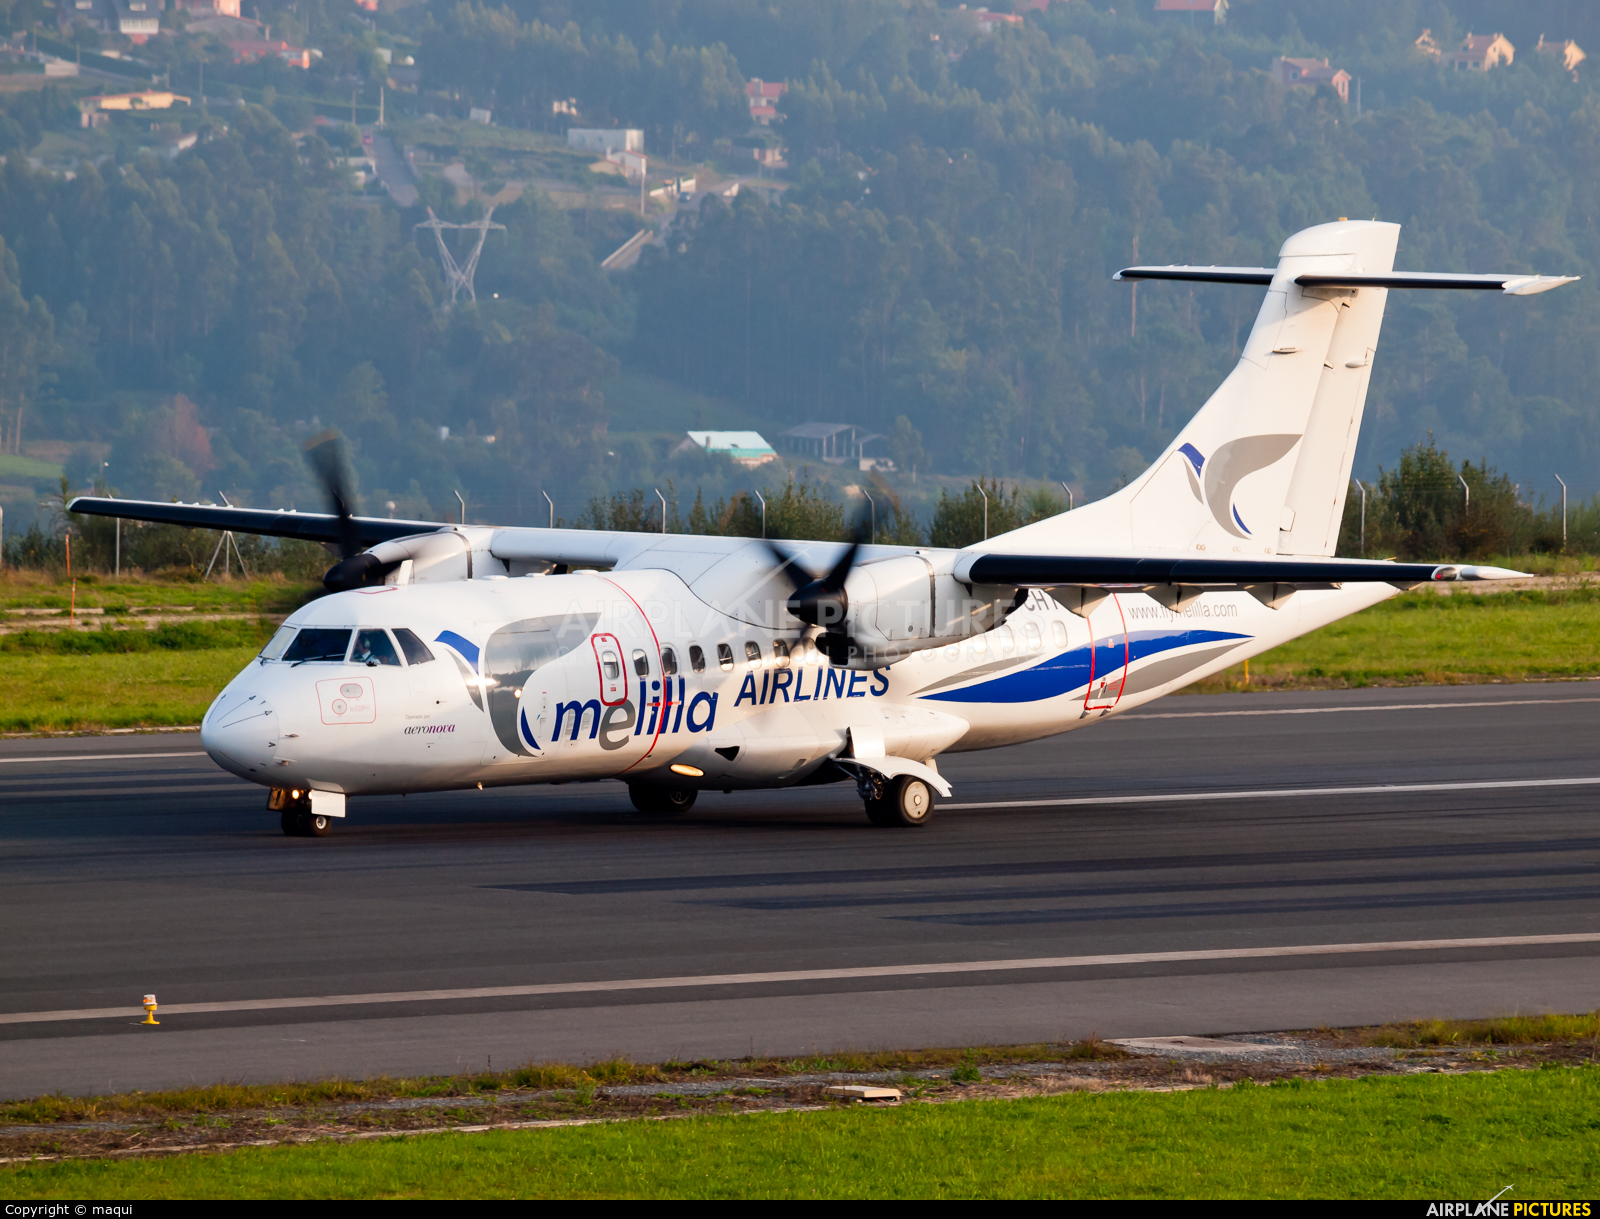 Flights To Melilla